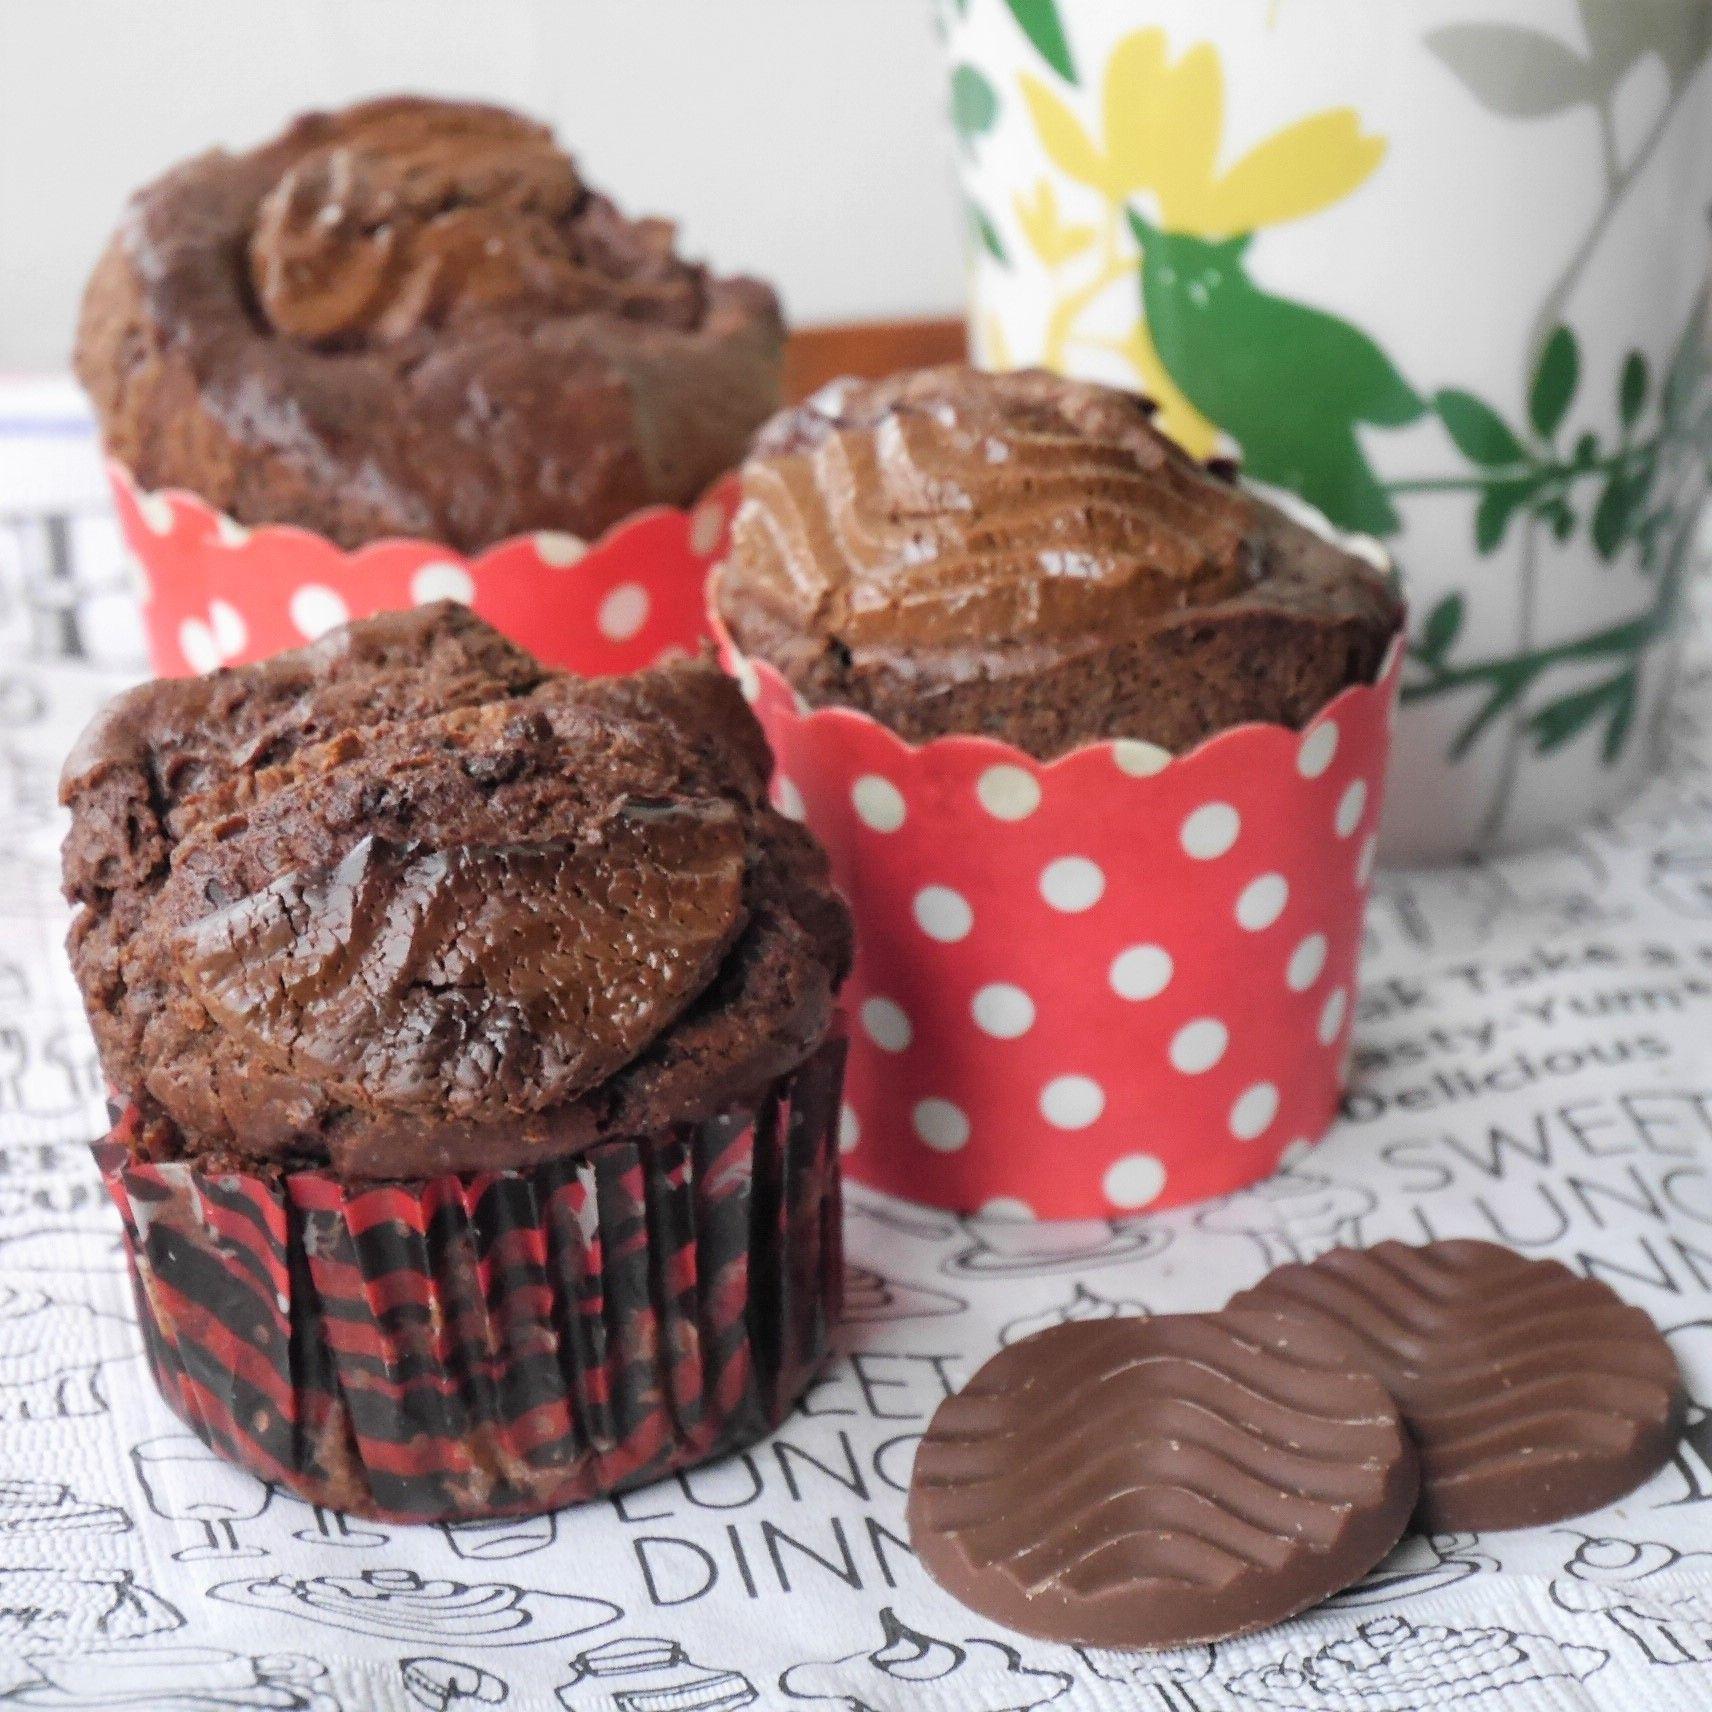 焼きチョコ風カップケーキ_大量生産